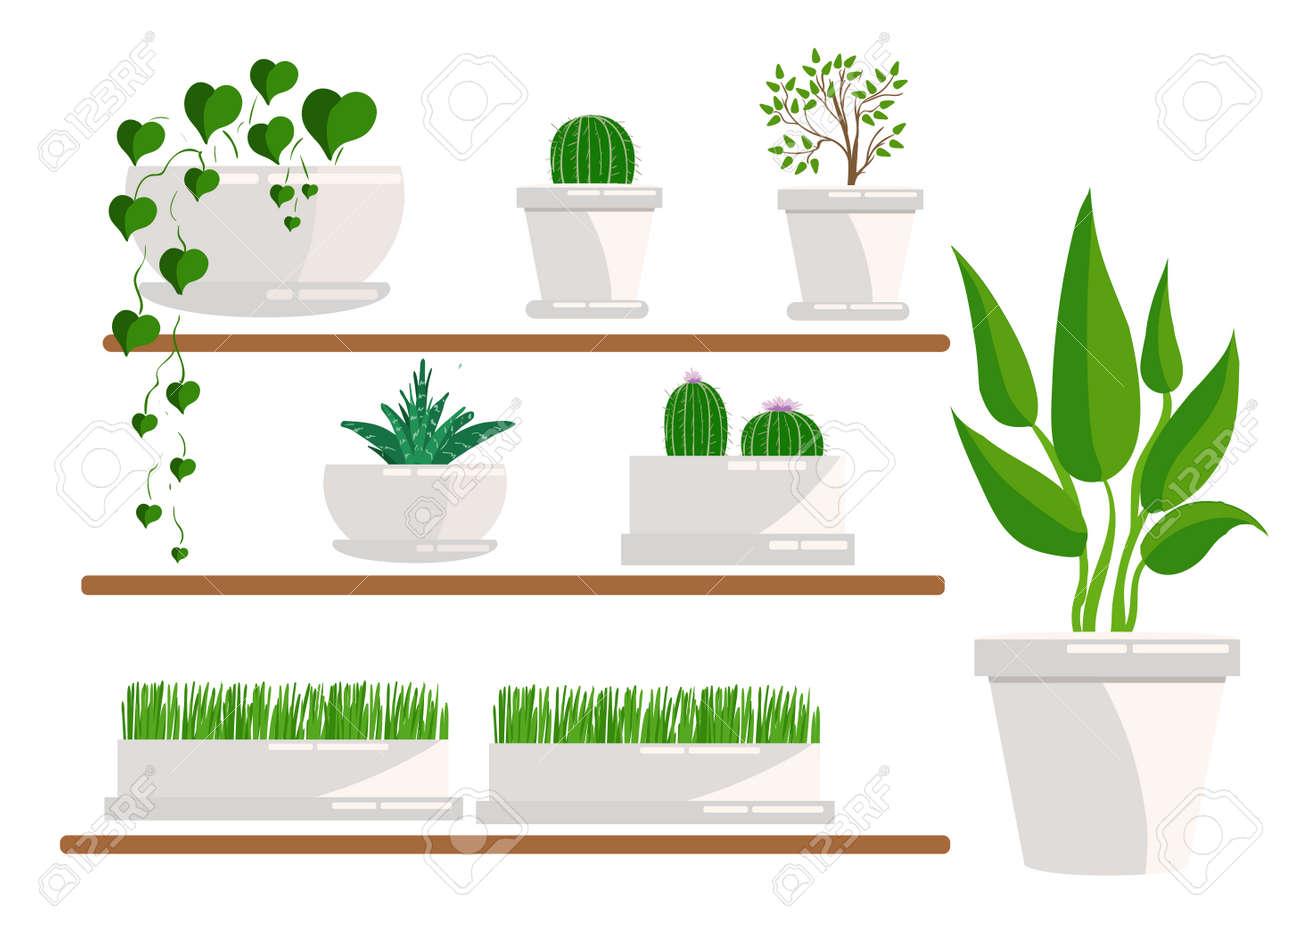 観葉植物のイラストサボテン多肉植物ホーム花鉢の観葉植物を設定